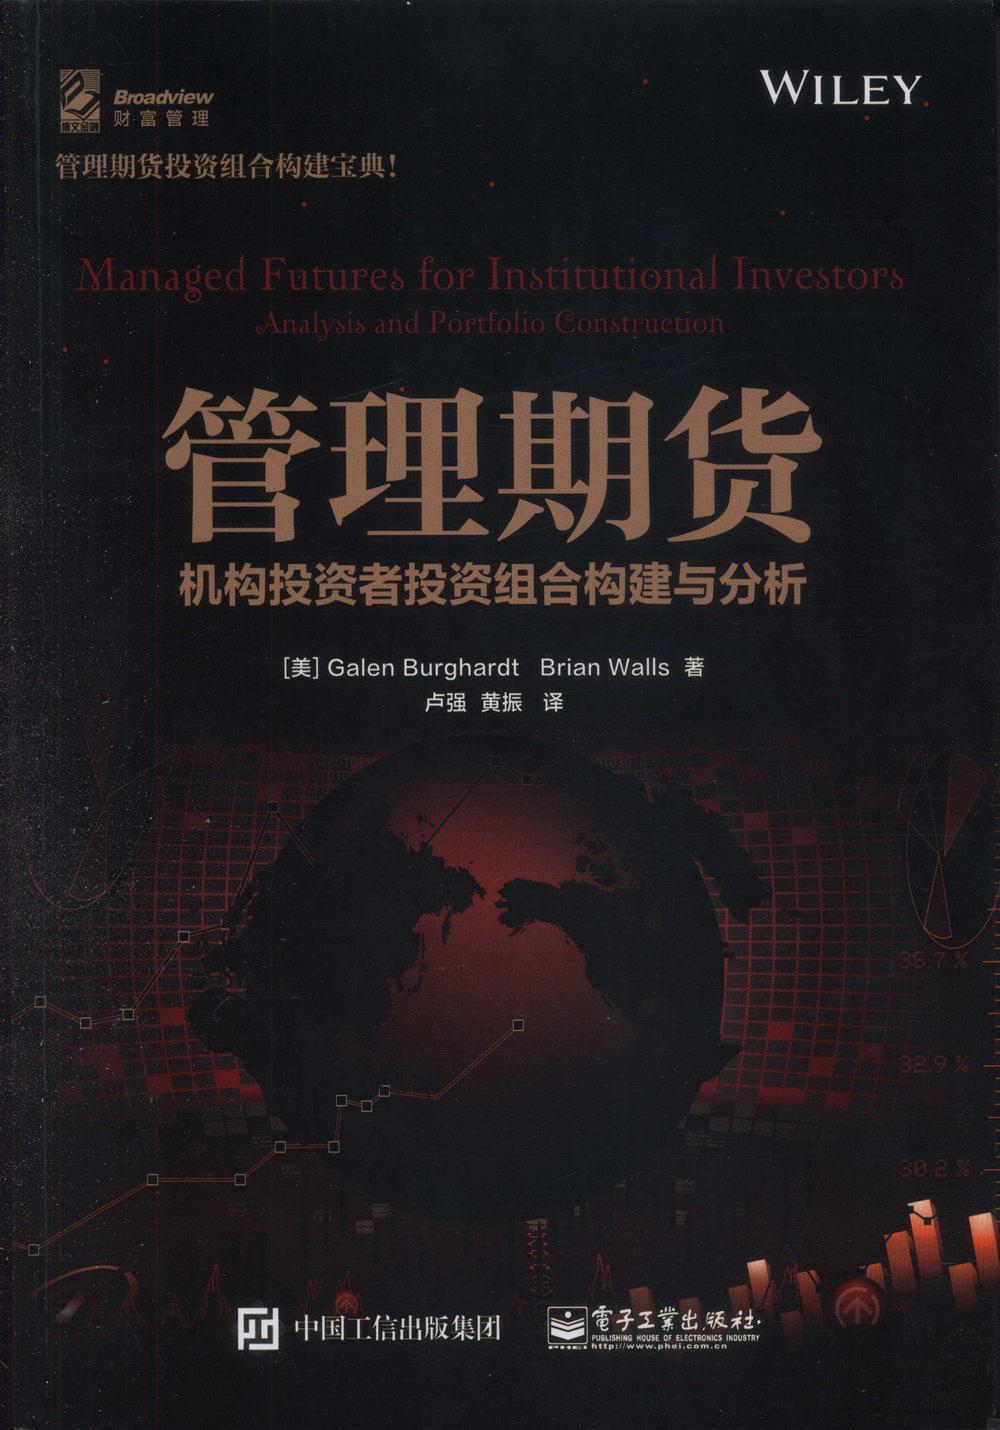 管理期貨:機構投資者投資組合構建與分析